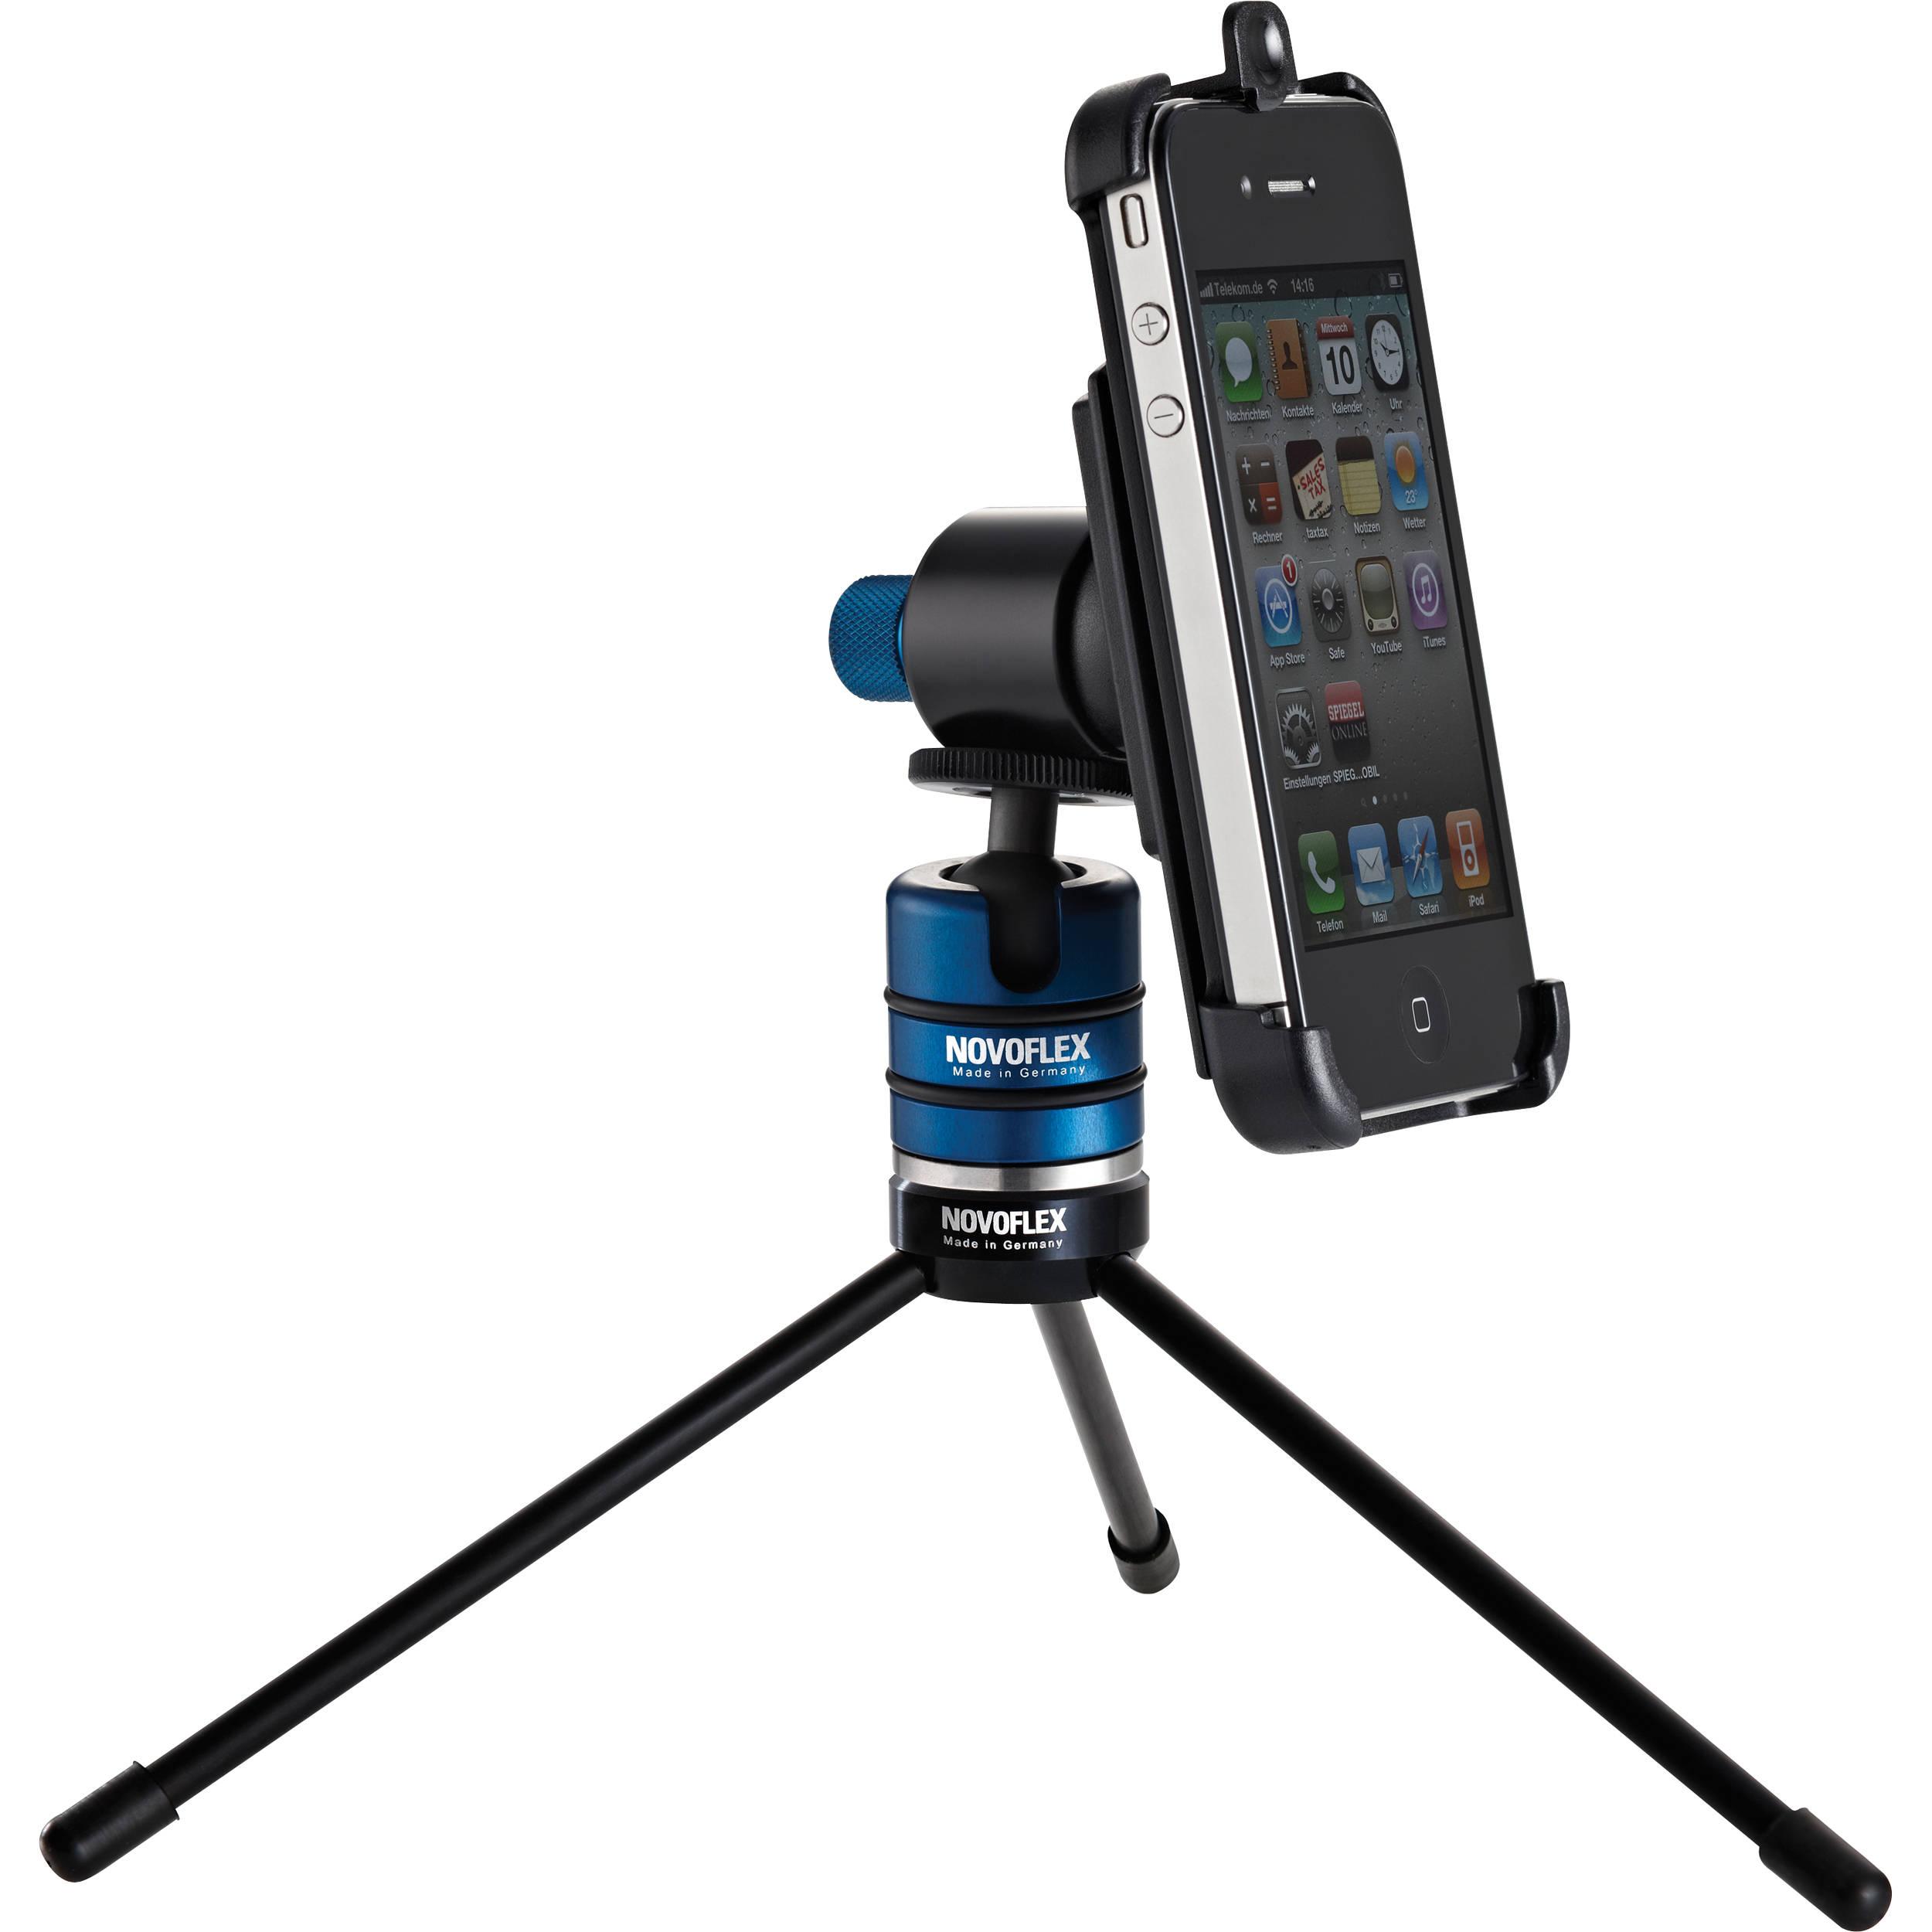 Novoflex Phone-Kit Telephone Mounting Kit PHONE-KIT B&H Photo